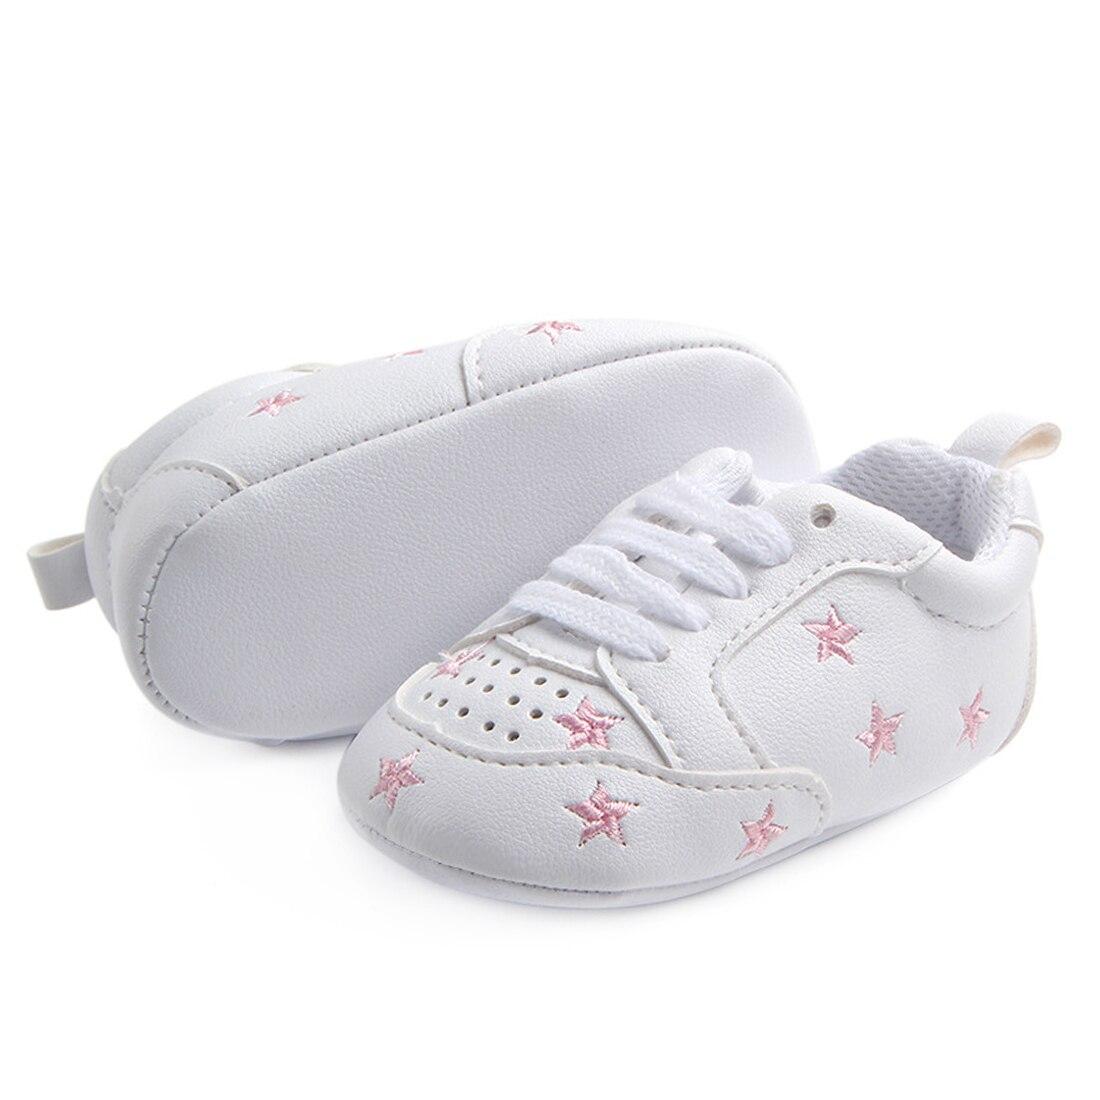 Baby Crib Shoes for Boys Miękka podeszwa PU Leather Mokasyny Girl - Buty dziecięce - Zdjęcie 6